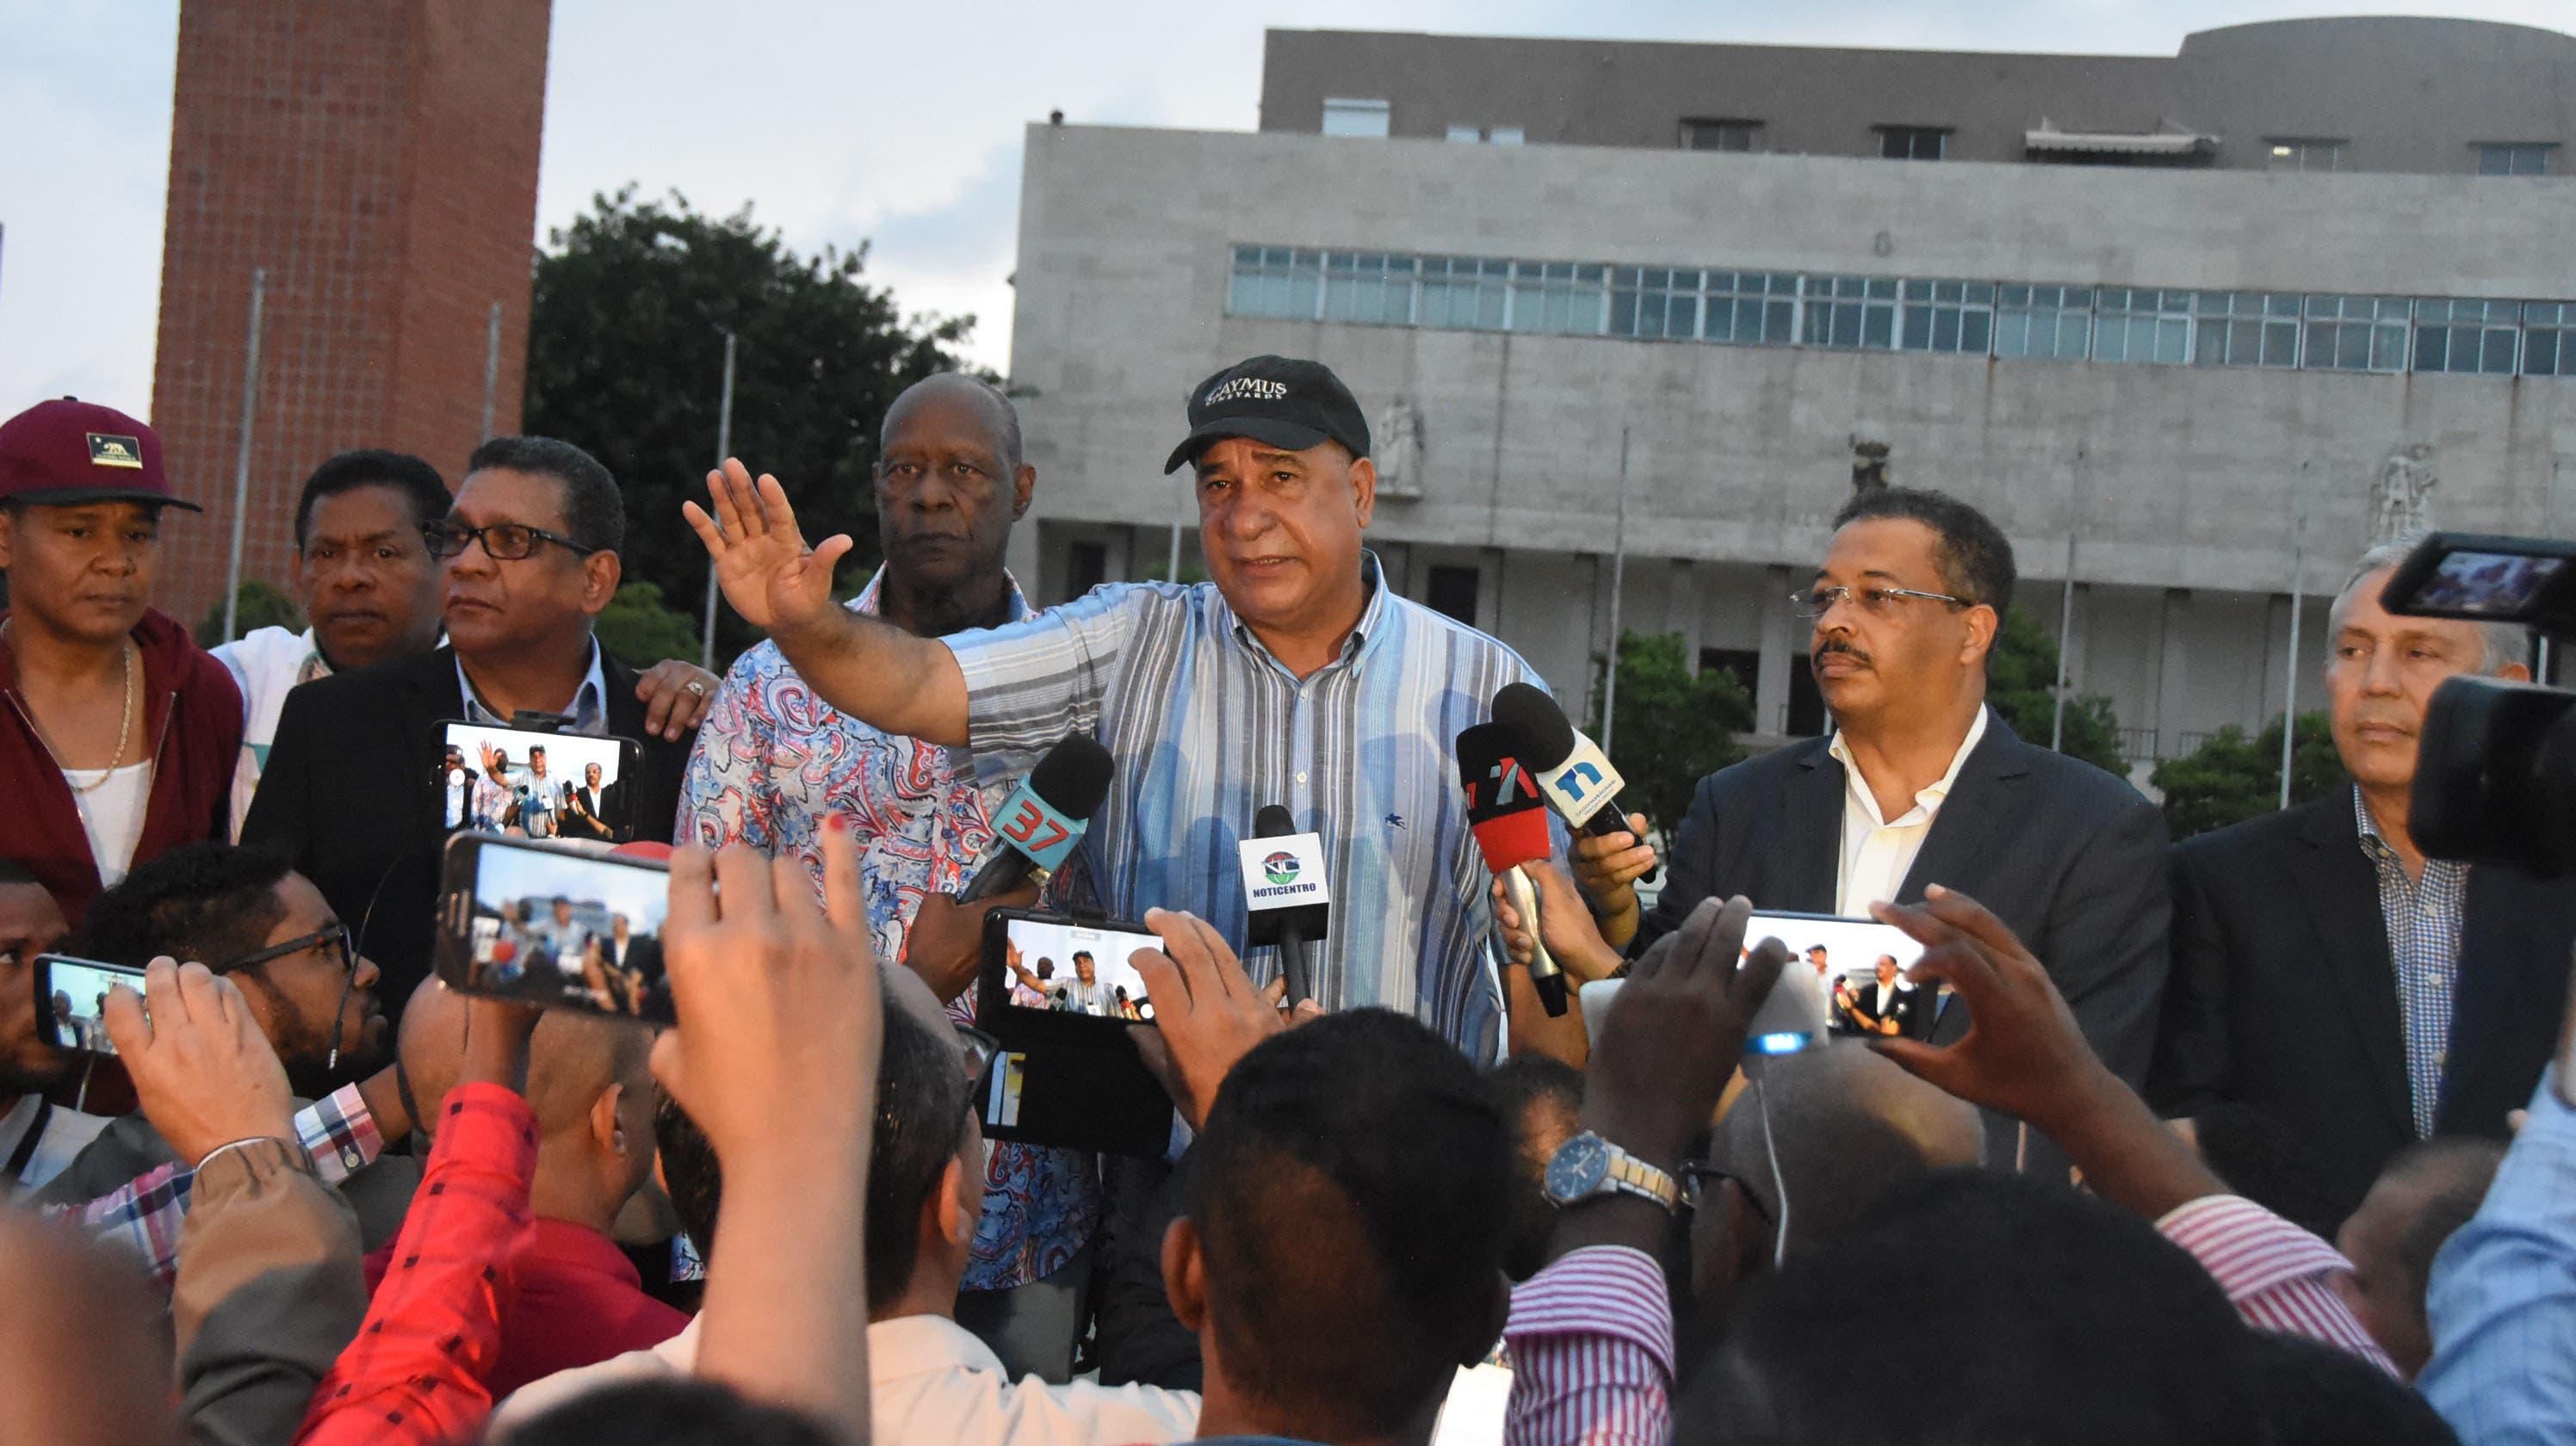 3. Bauta dijo a los policías que los perdonaban porque sabían que no eran los culpables de lo que pasó